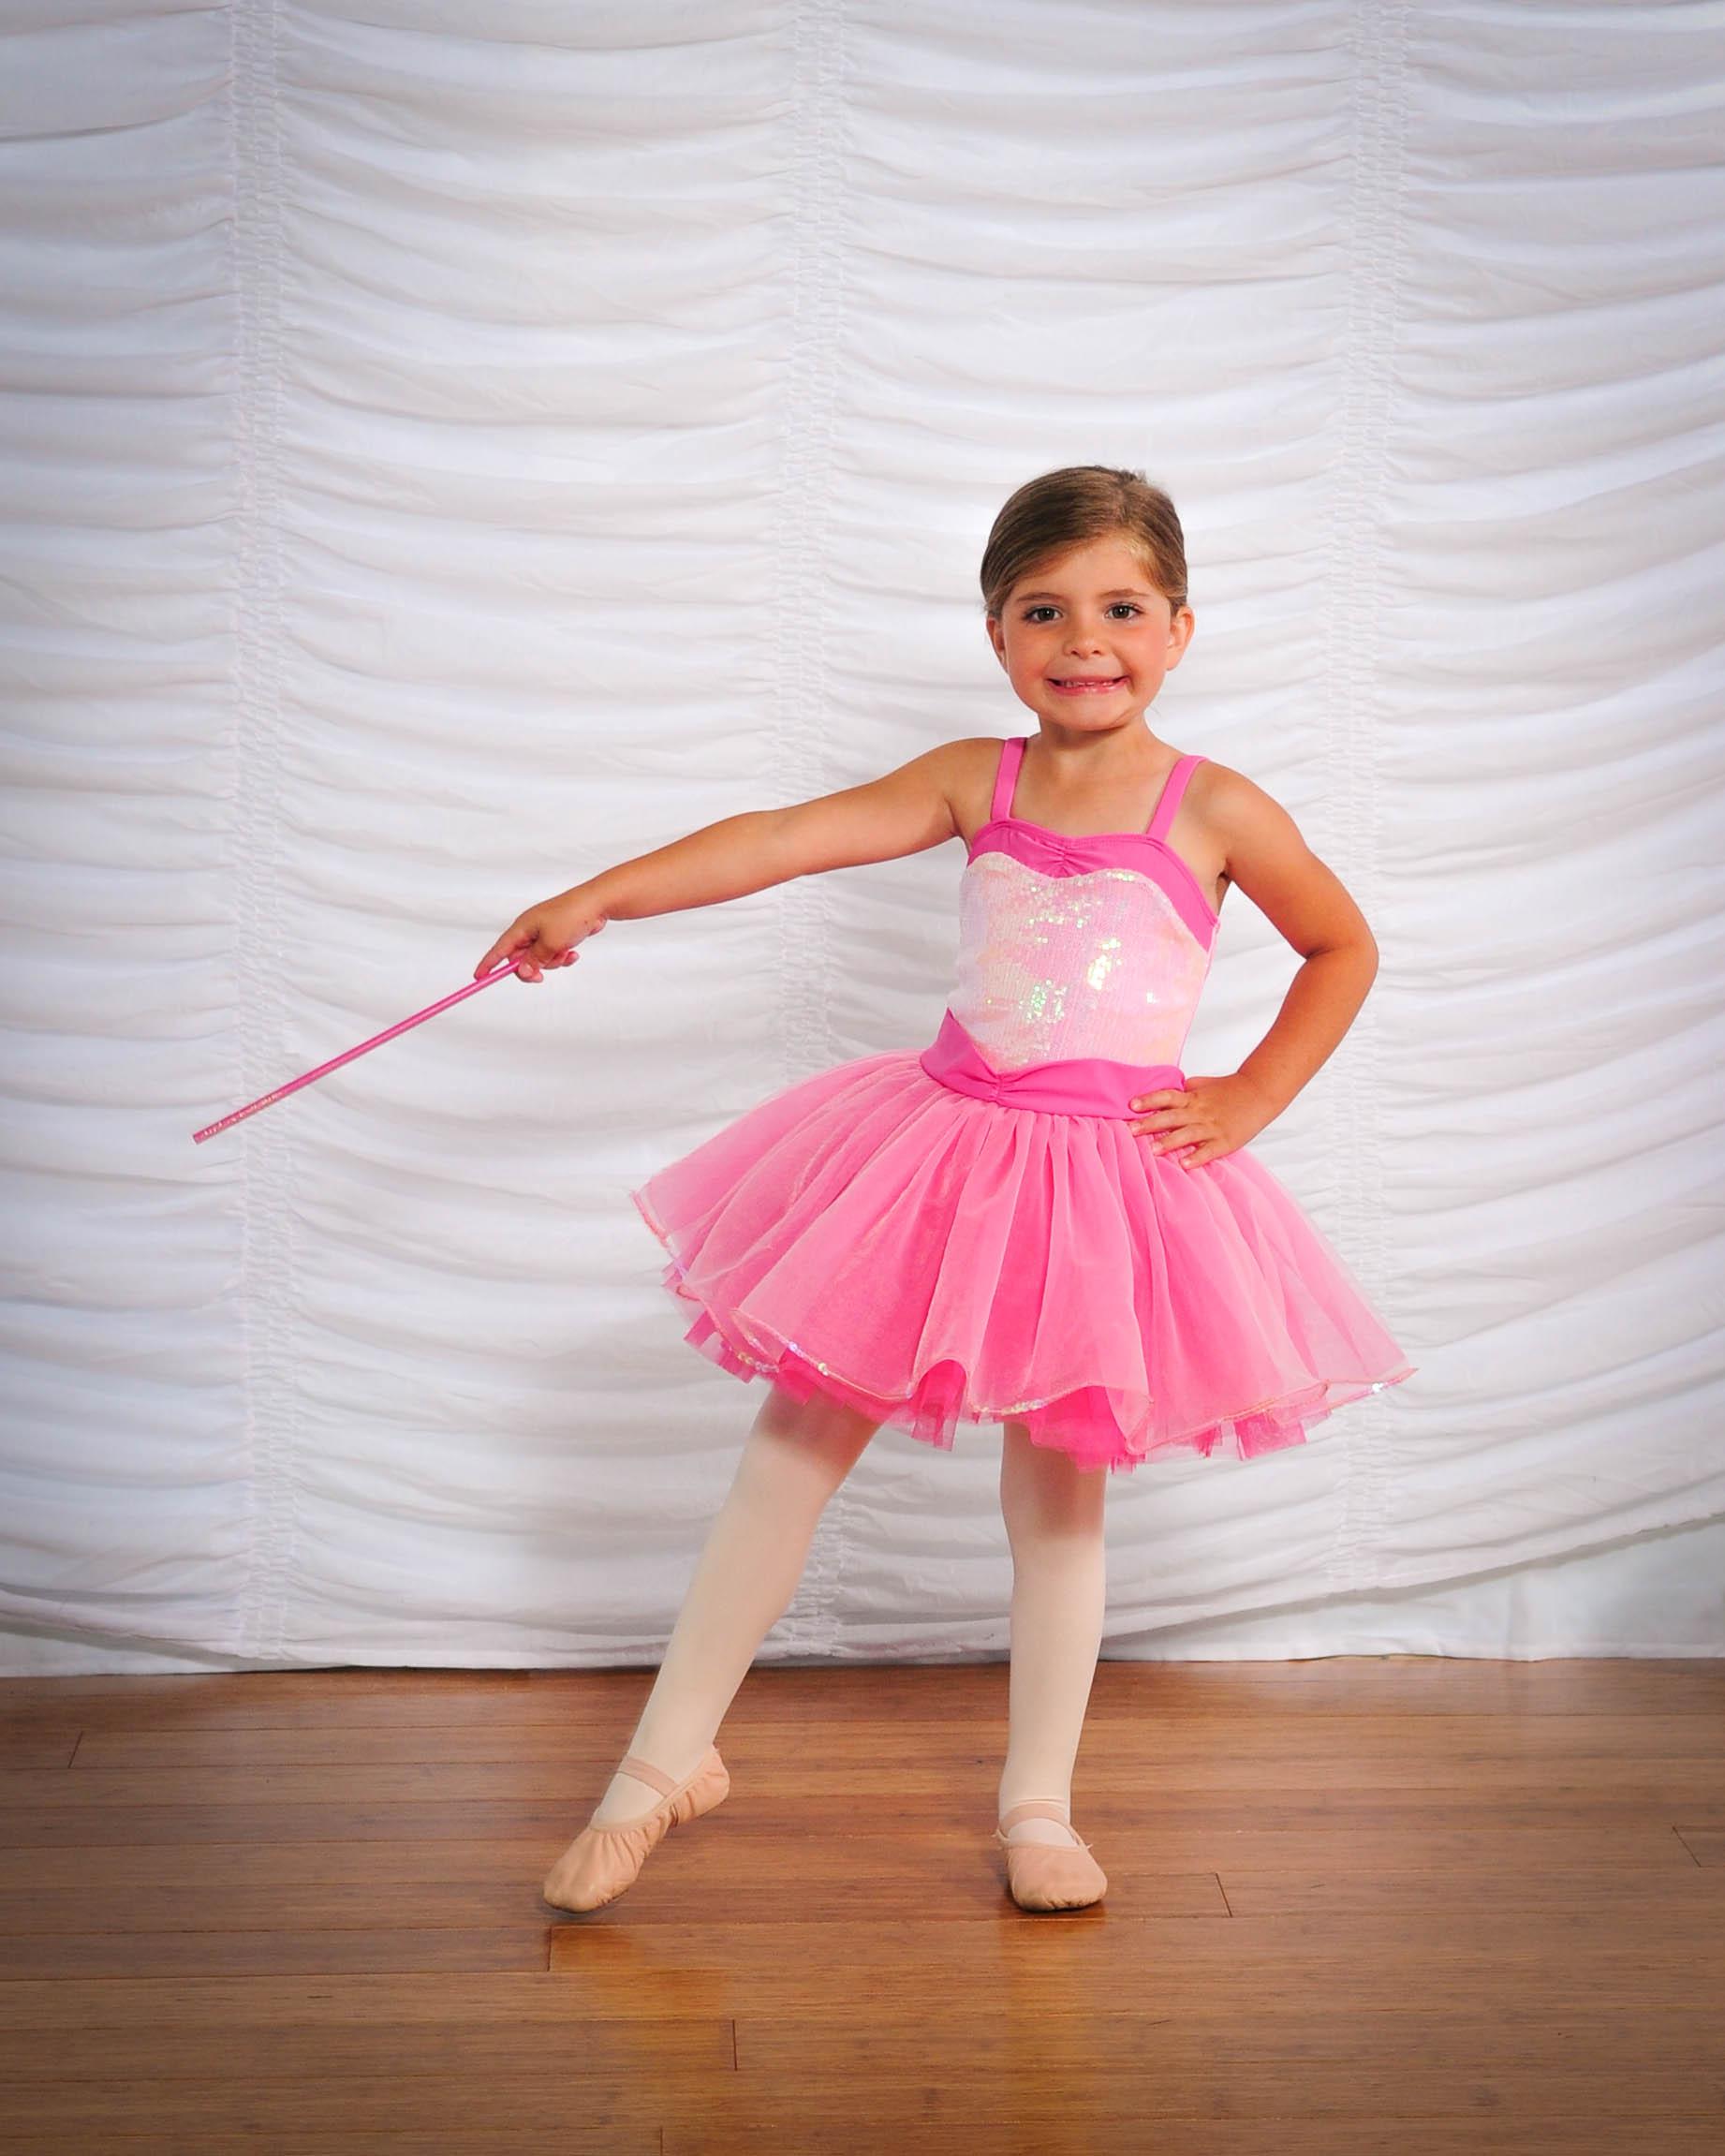 Tutu Ballet & Tumble